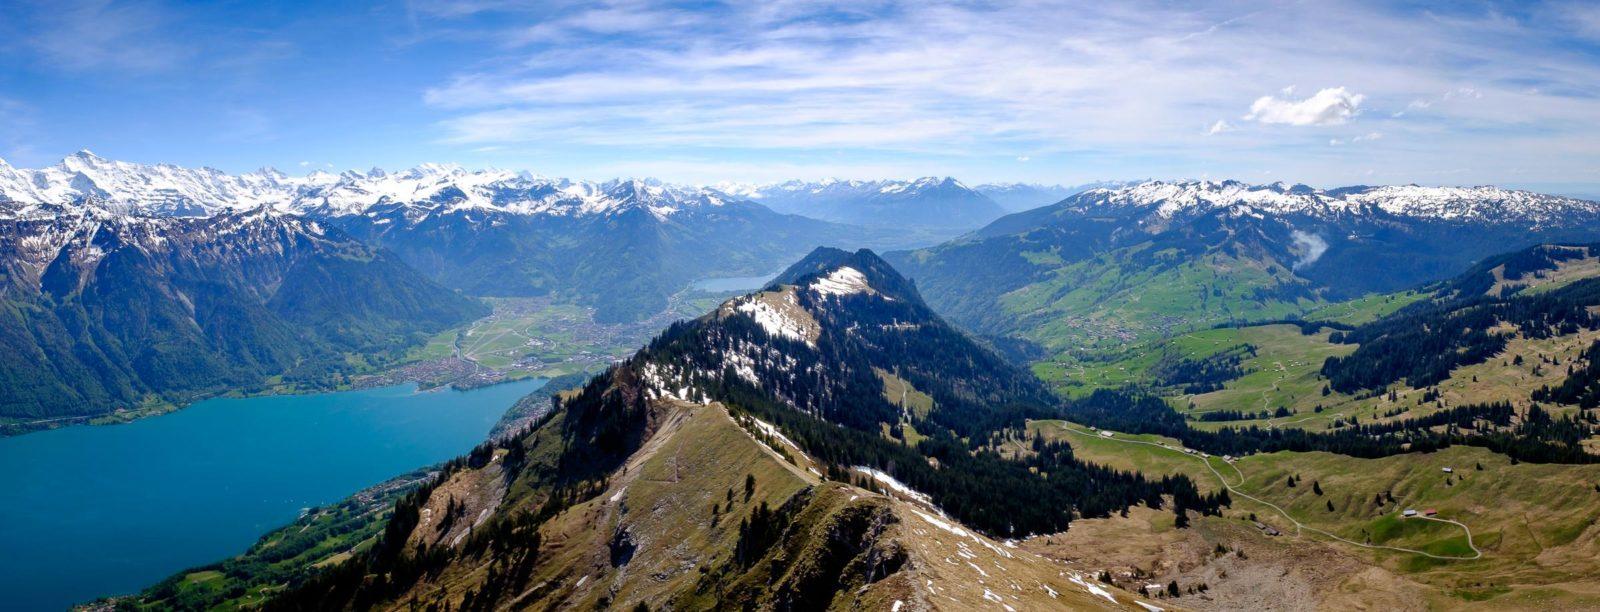 Brienzergrat, Switzerland